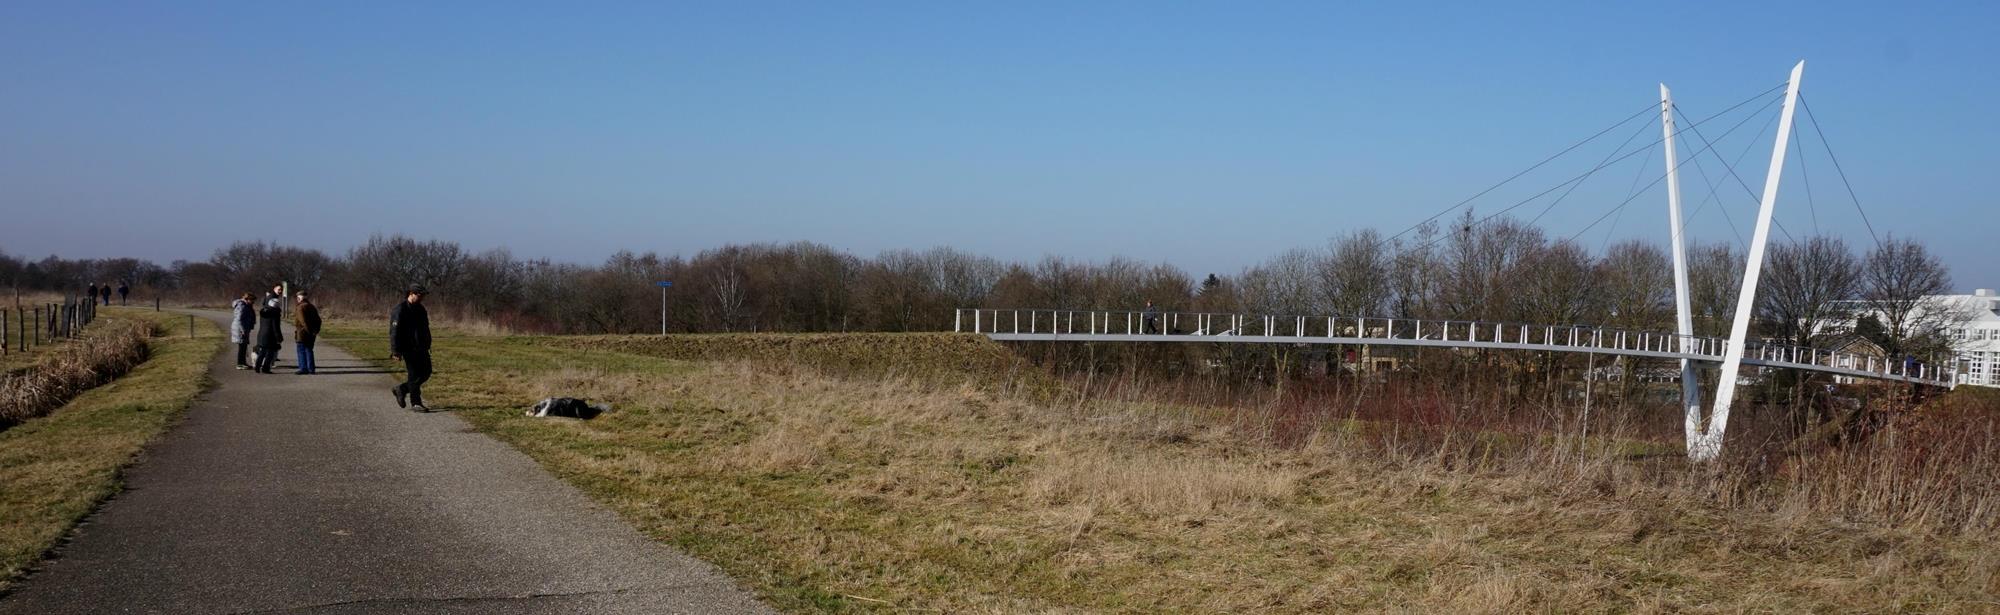 Heidekamppark